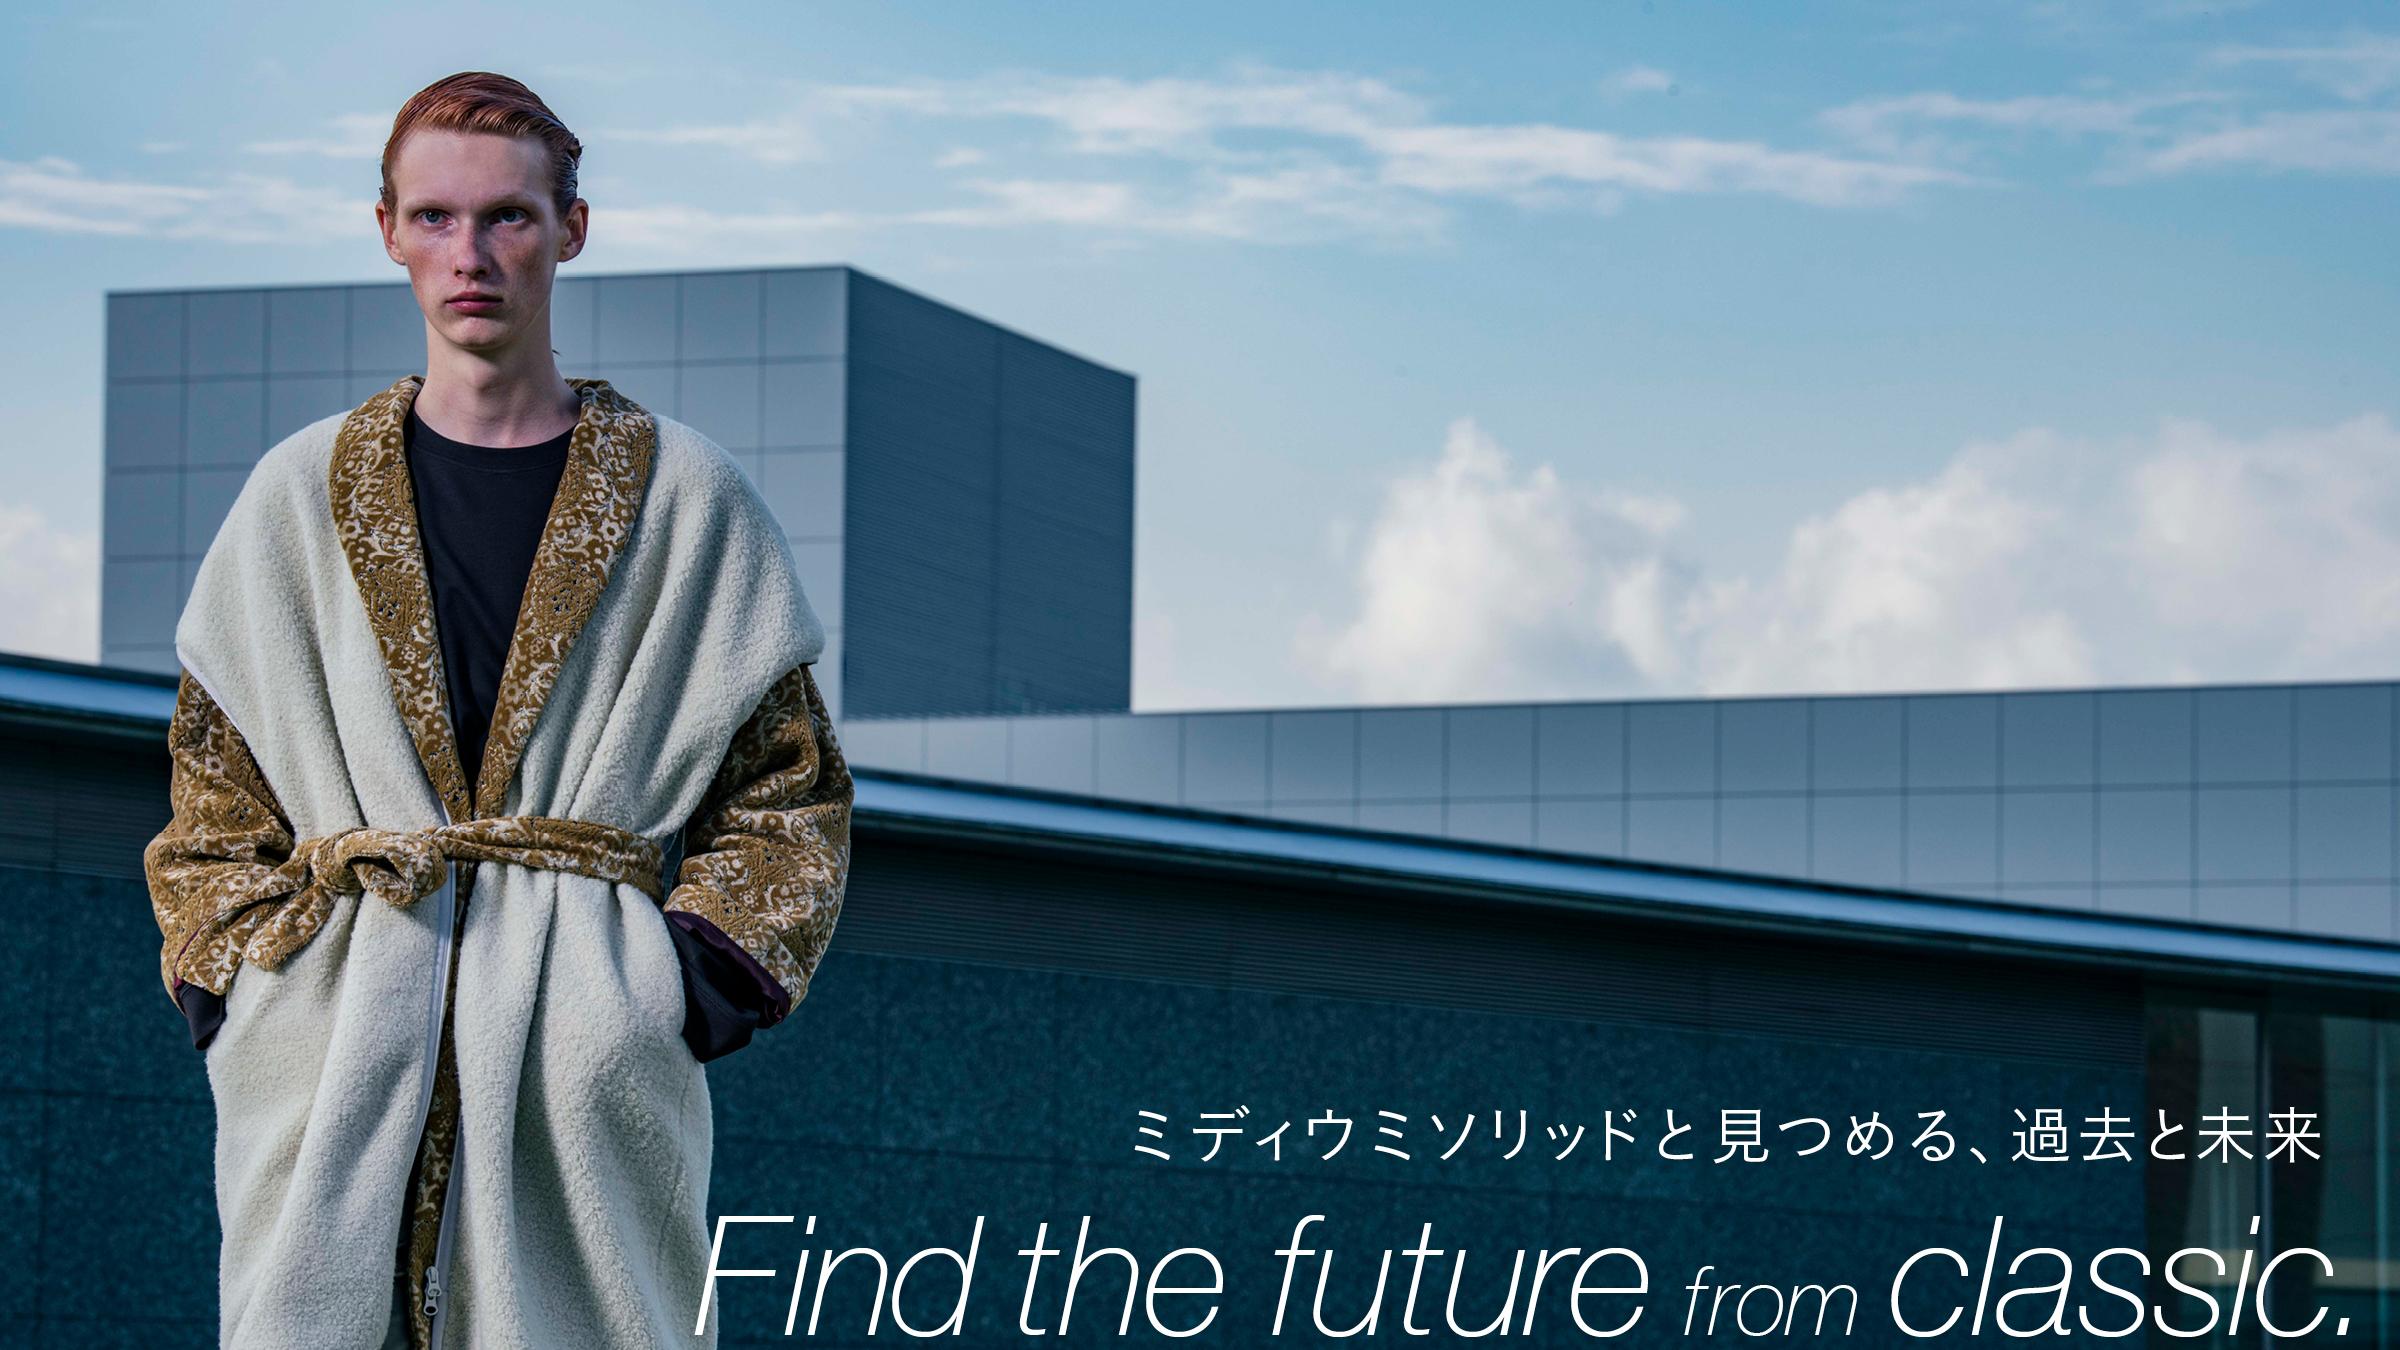 ミディウミソリッドと見つめる、過去と未来。